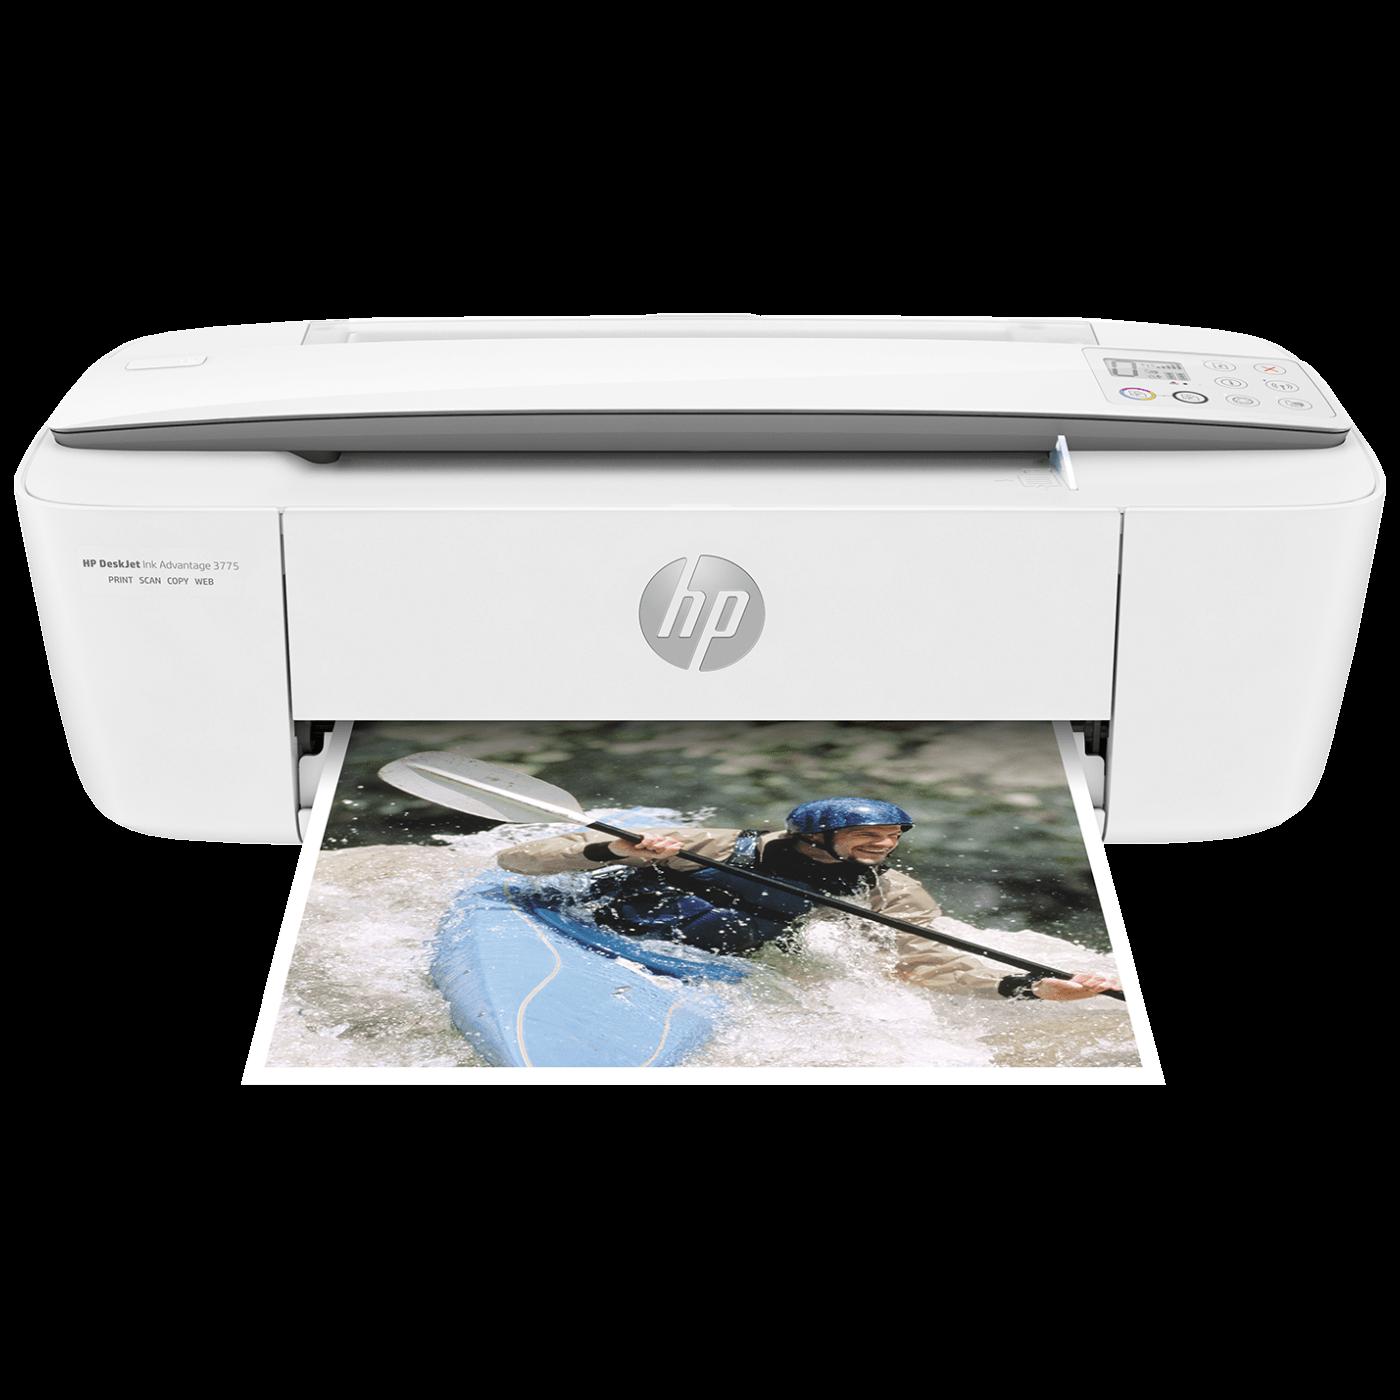 Printer / kopir / skener, WiFi, LAN, DeskJet 3775 AiO